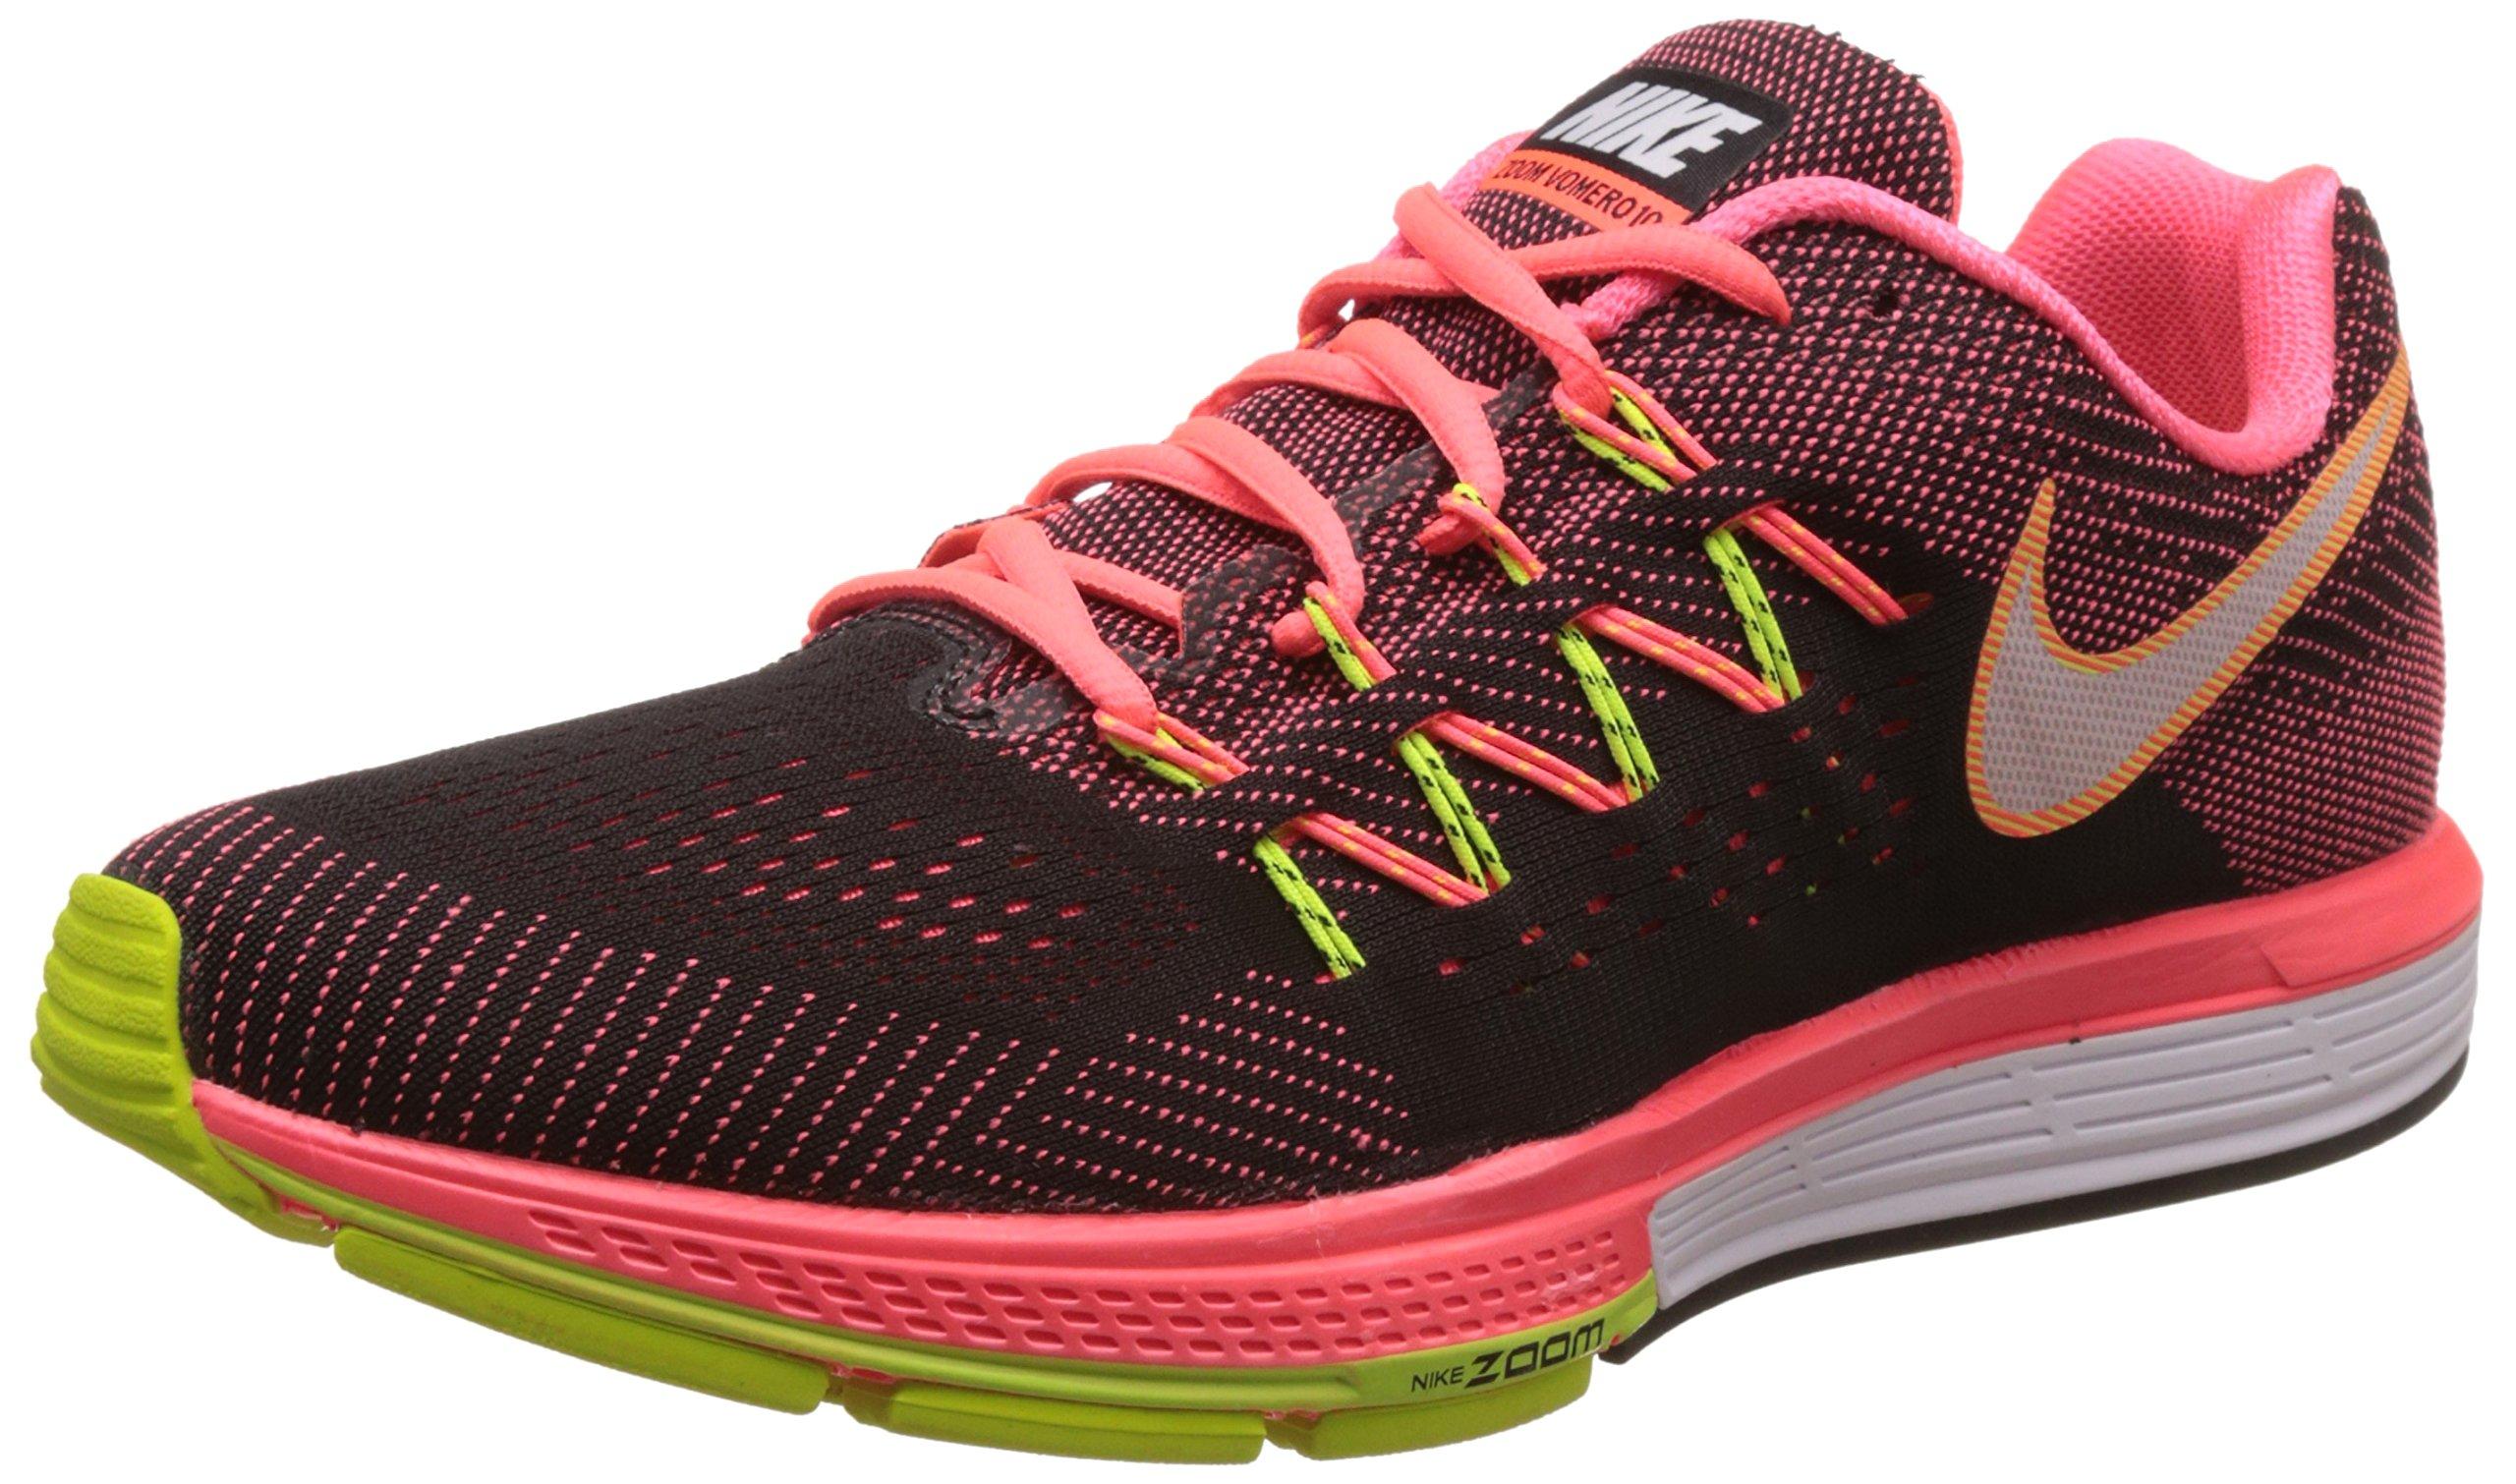 Nike Men's Air Zoom Vomero 10, HOT LAVA/WHITE-BLACK-VOLT, 9 M US